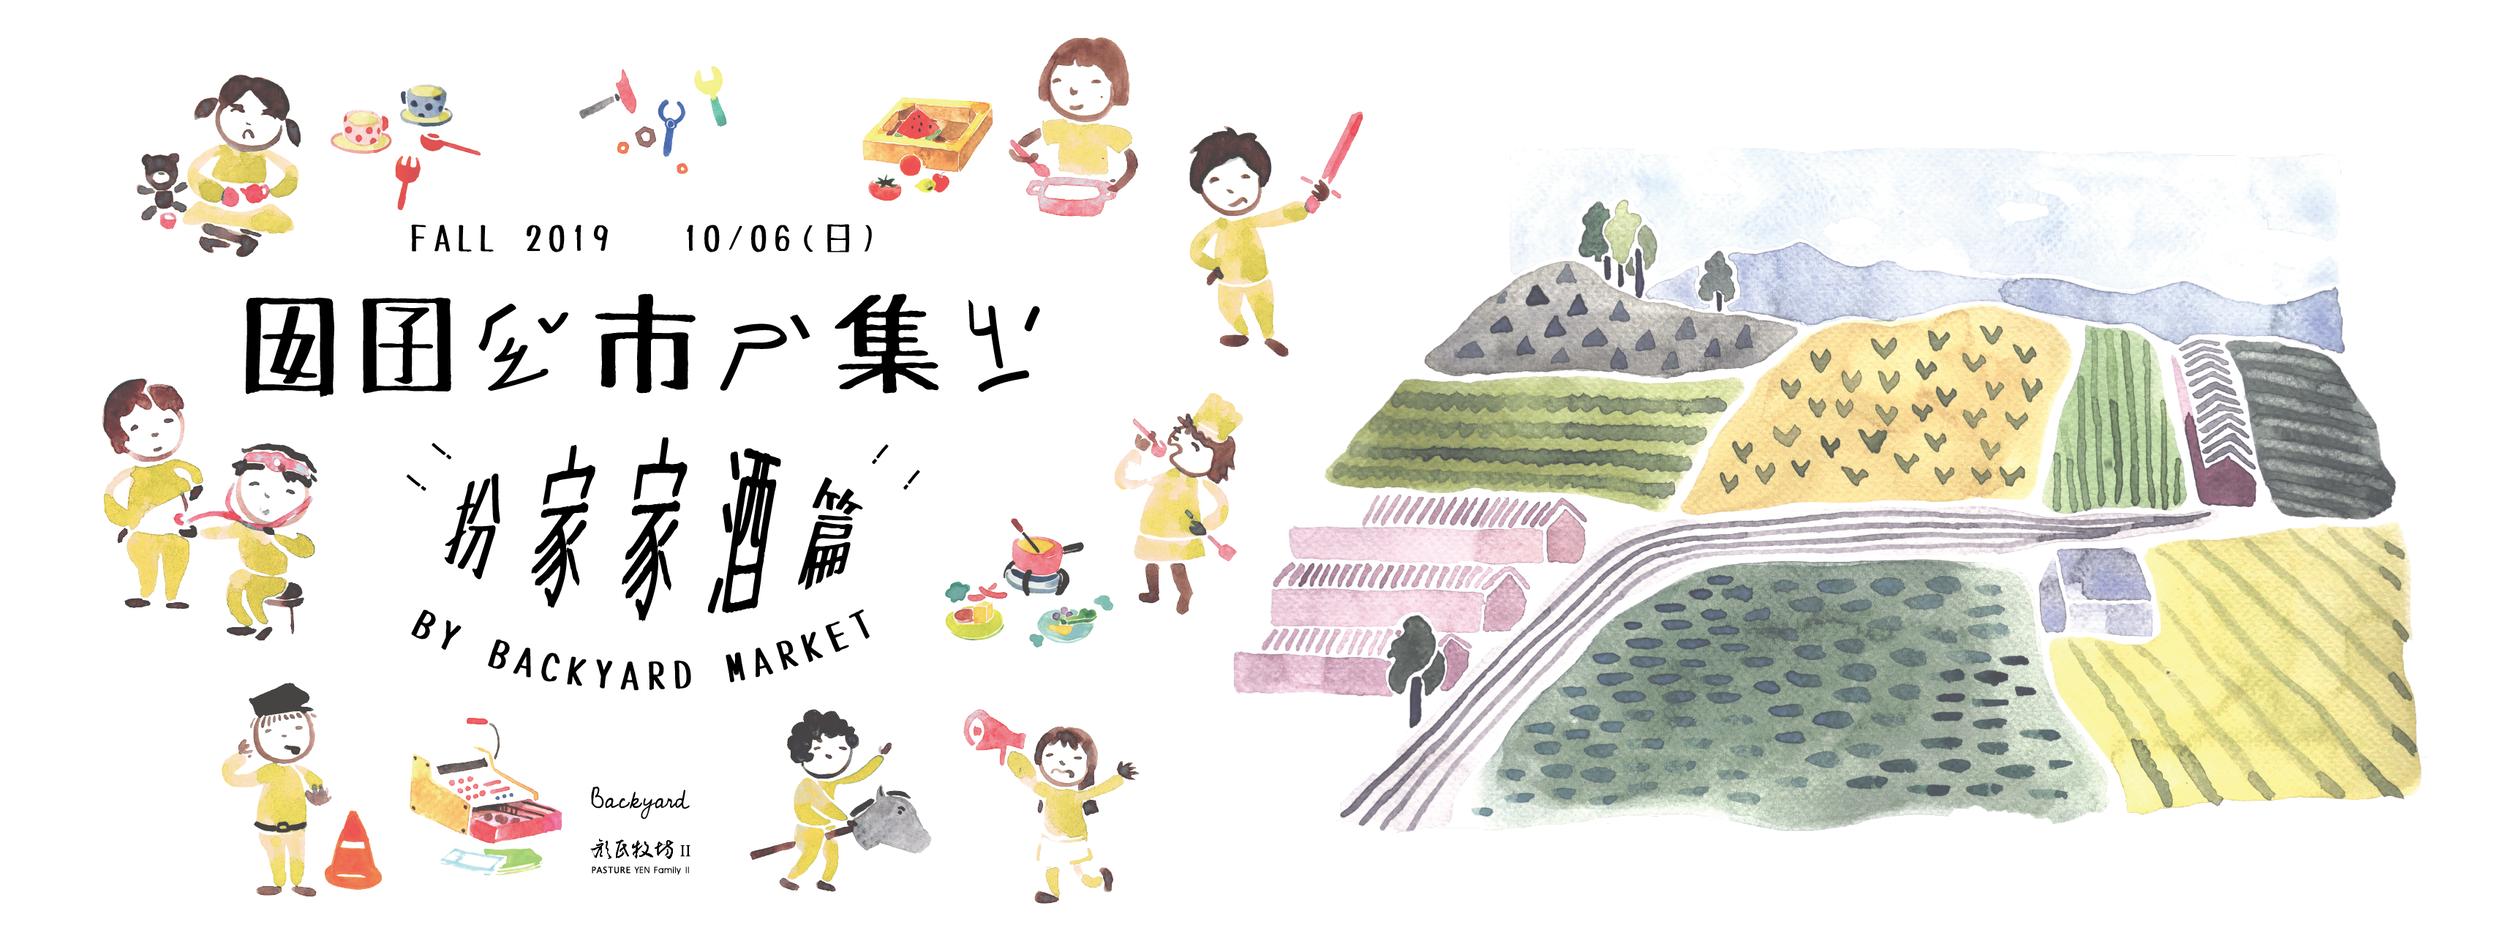 2019-09-15_囡囡市集 扮家家酒篇_FB banner-02.png